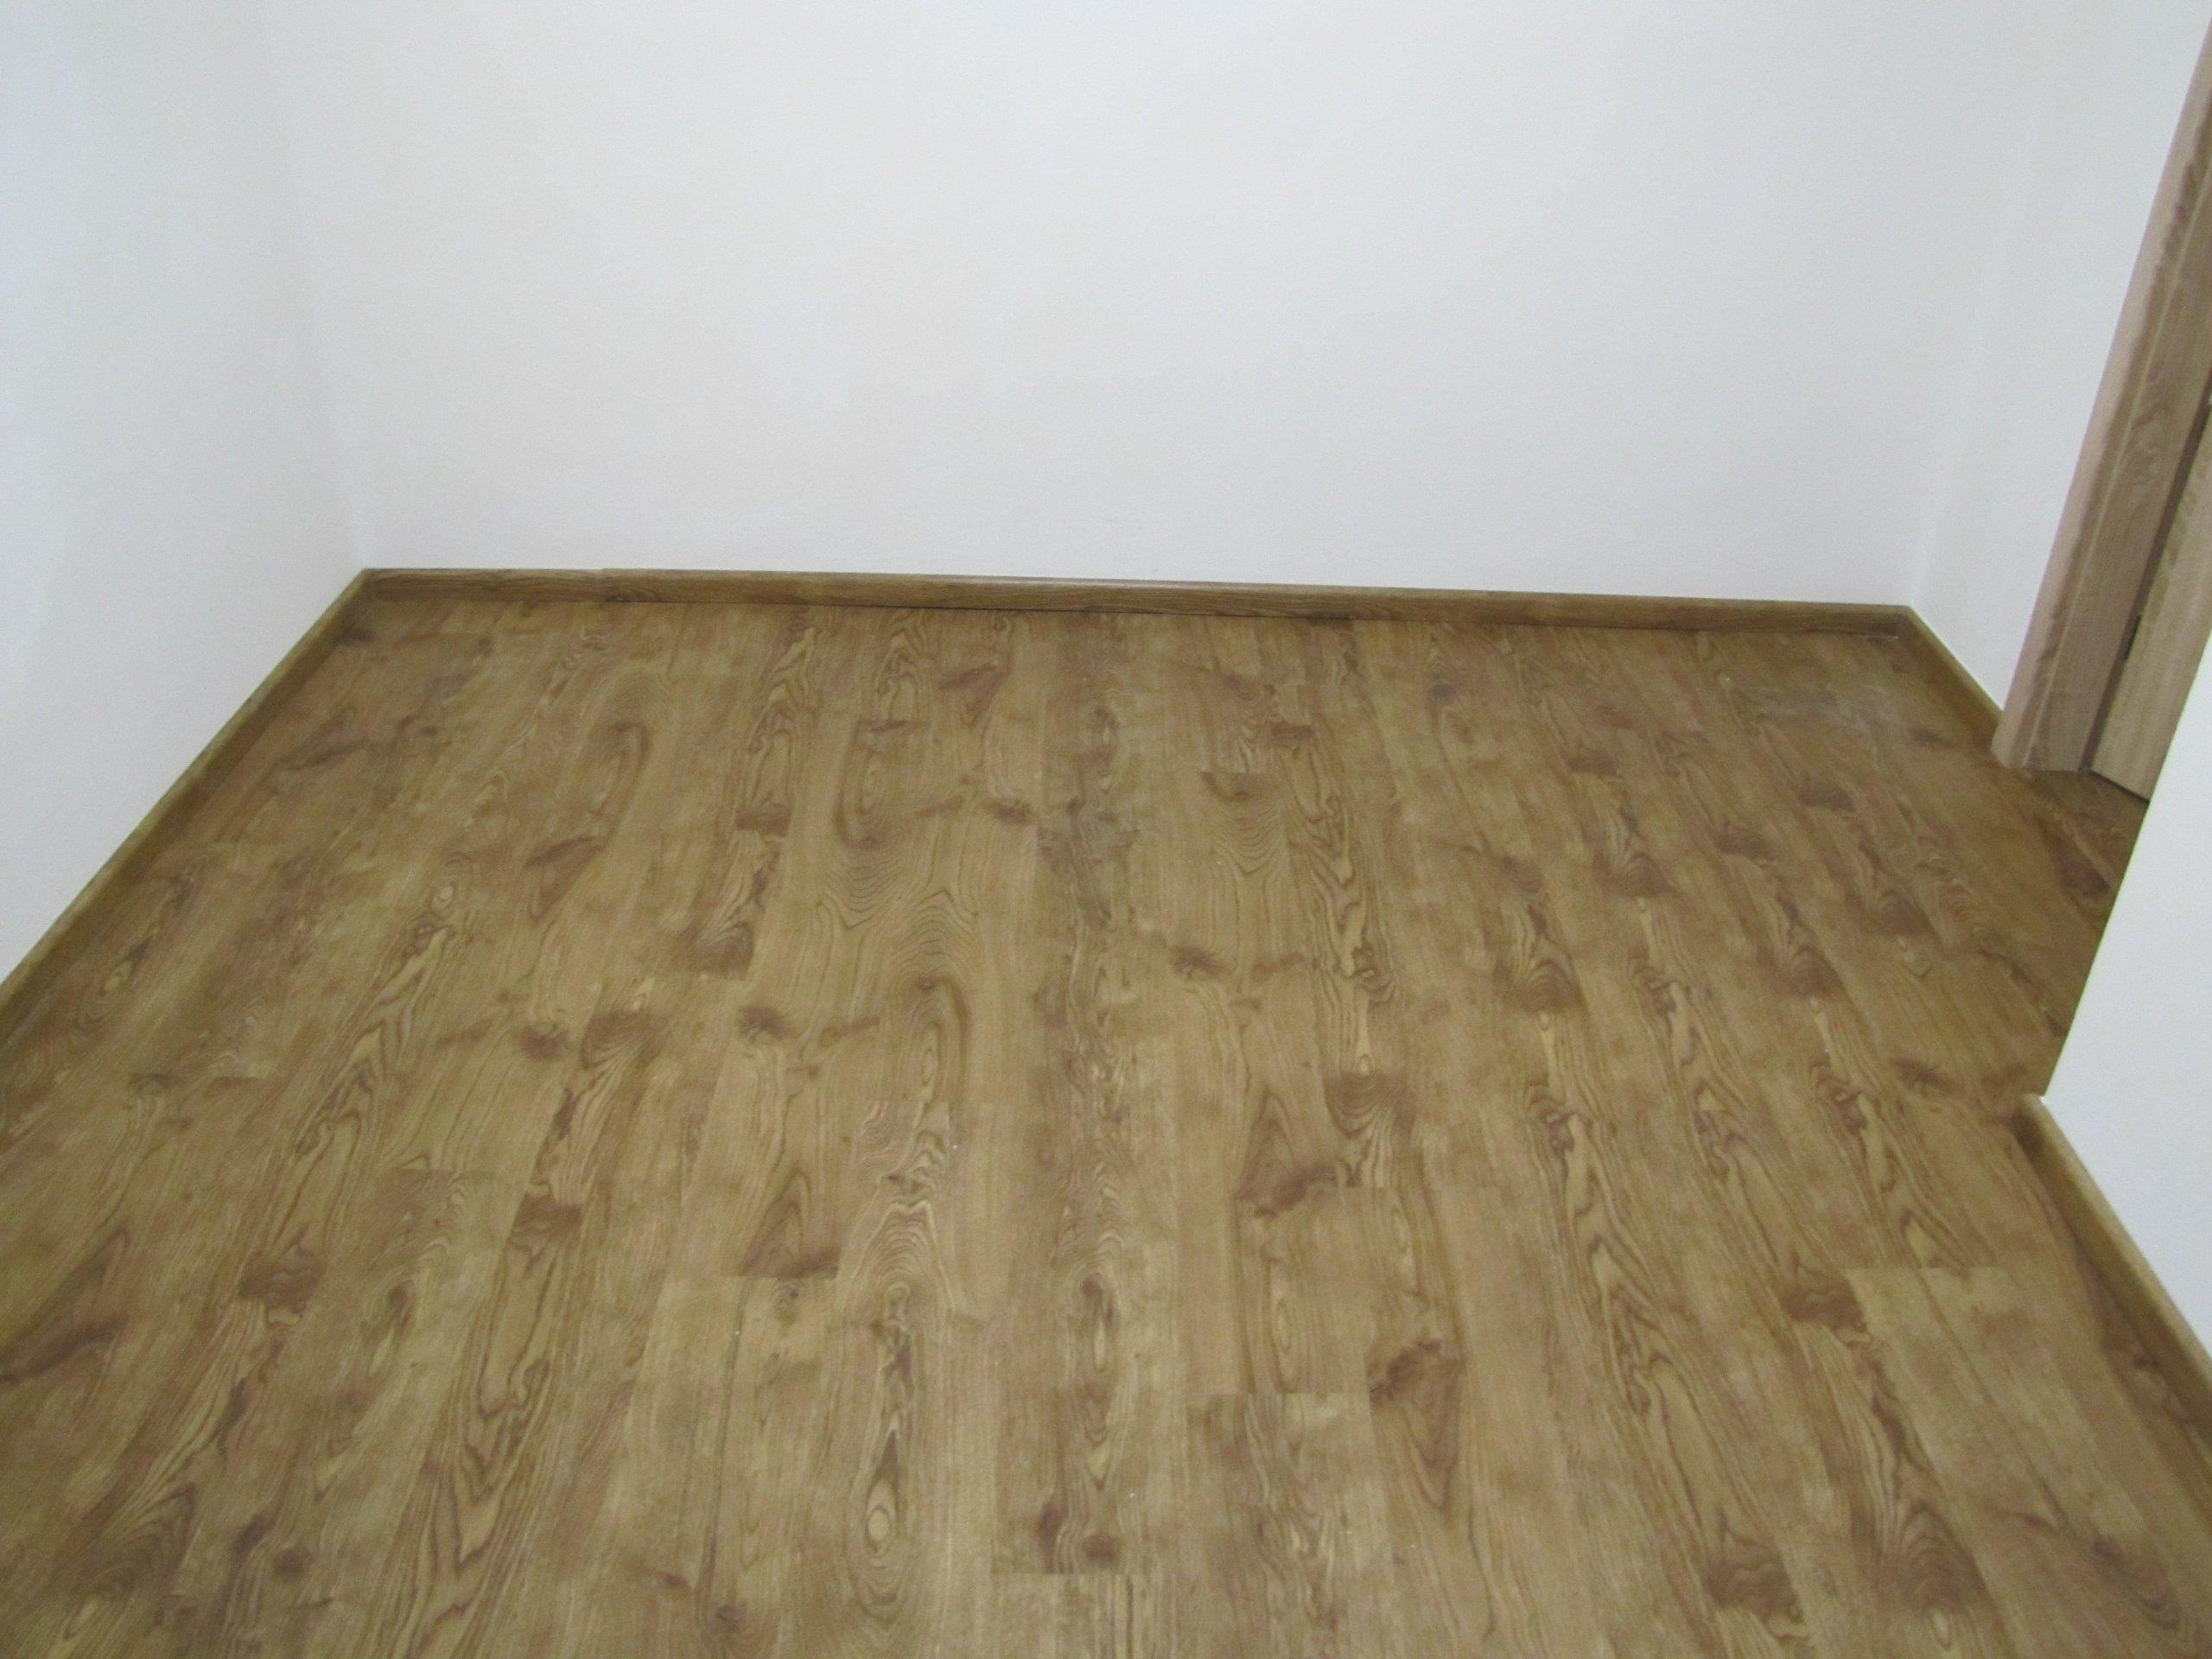 Místnost s vinylovou podlahou BUKOMA CLICK dekor Dub Pireus Natural - vyfoceno s využitím umělého osvětlení